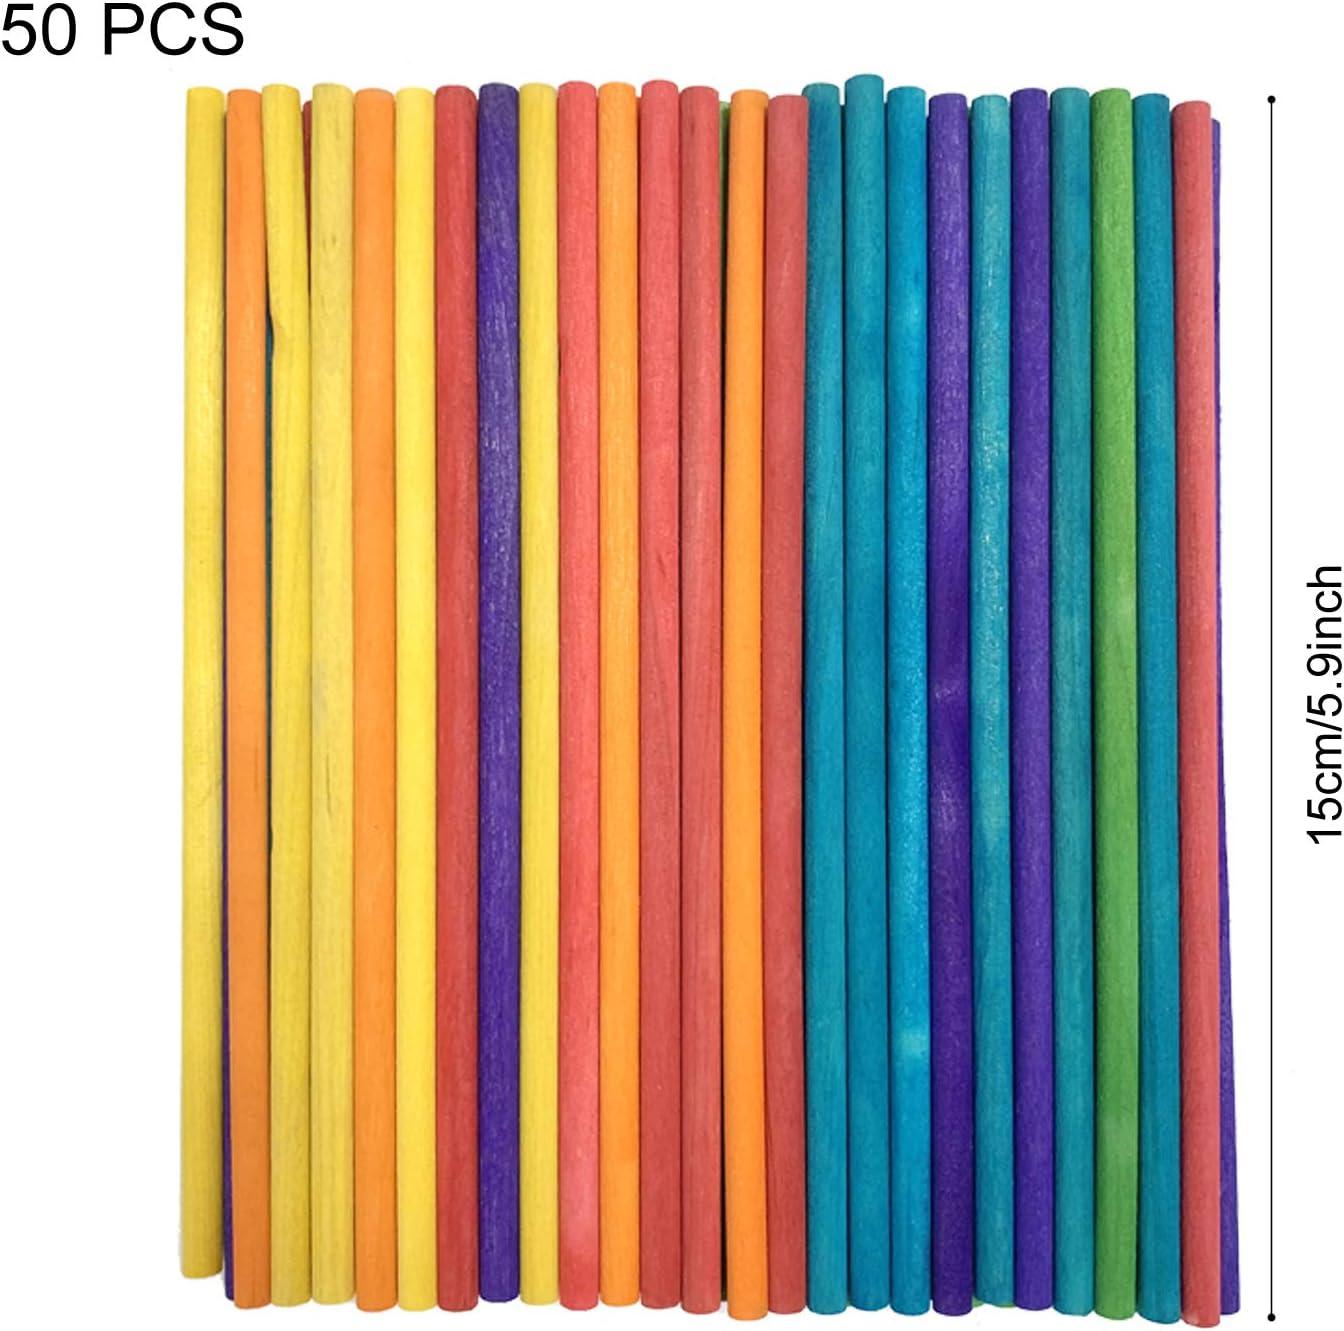 DOITEM 214 PCS Palos de paletas de palitos de madera de artesan/ía de madera natural Hojas de madera de balsa Paleta de paleta de arte de paleta lisa Perfecto para art/ículos de artesan/ía